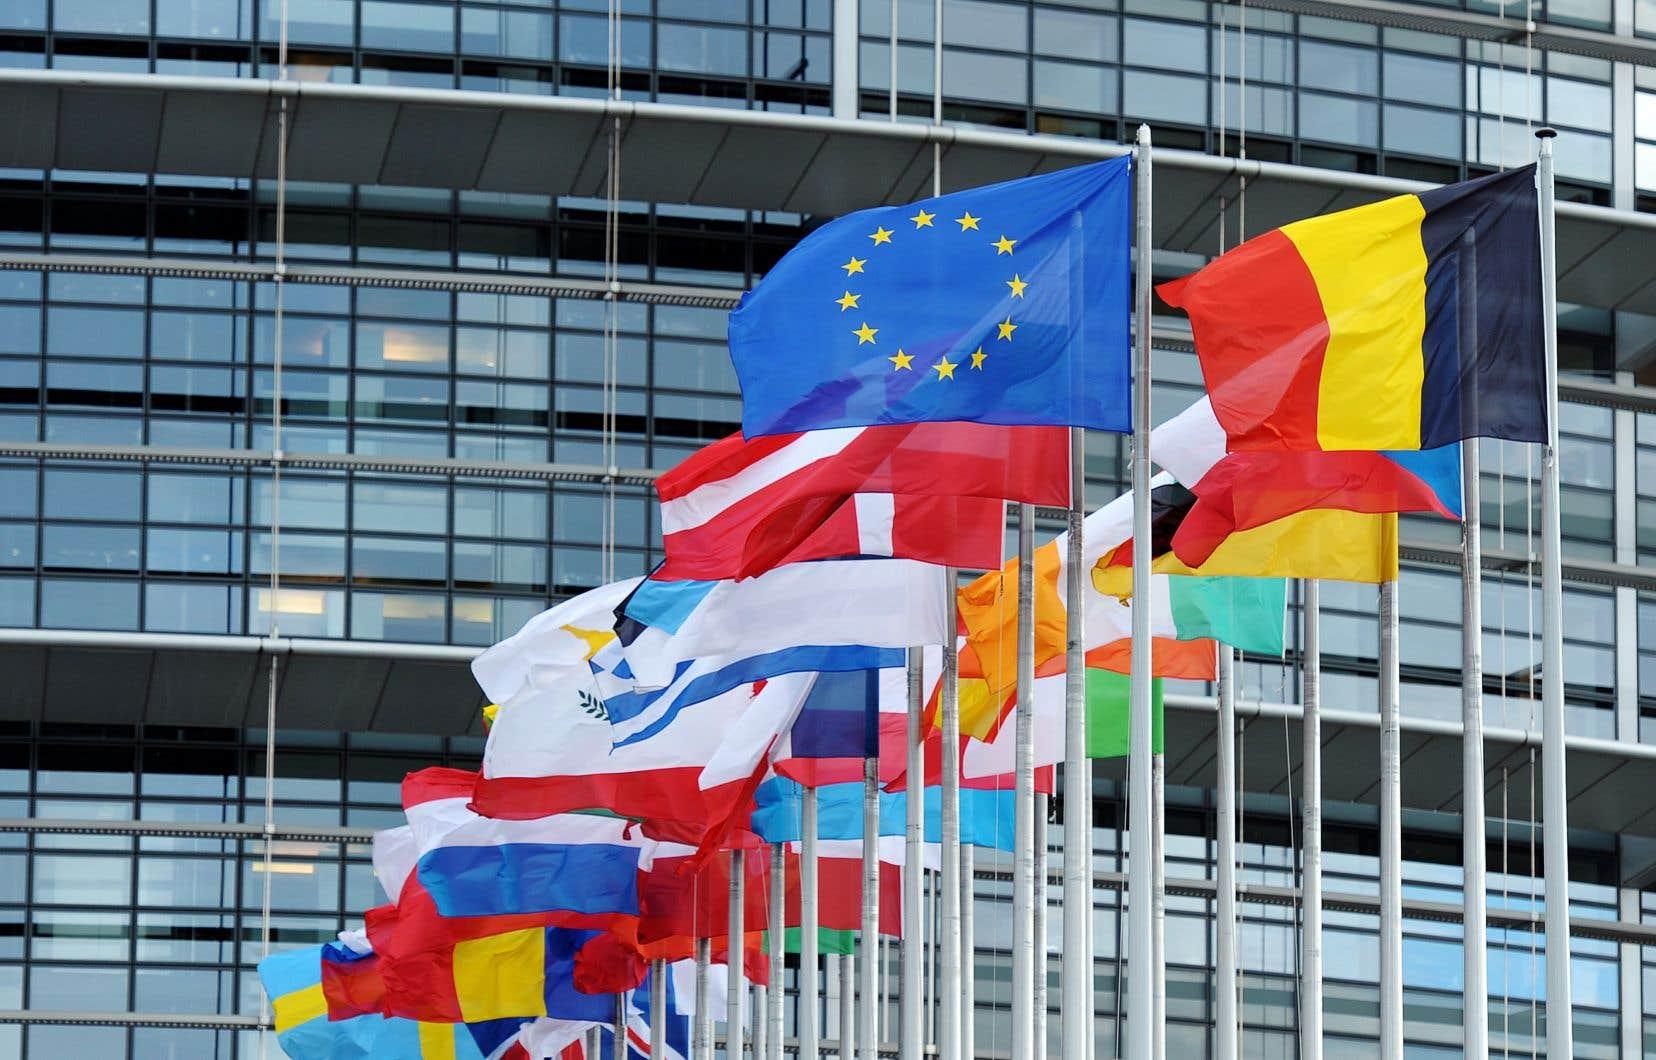 Globalement, les partis eurosceptiques totaliseraient 173 élus dans le prochain Parlement, dont 107 membres de formations de l'extrême droite (62) ou antieuropéenne (45).